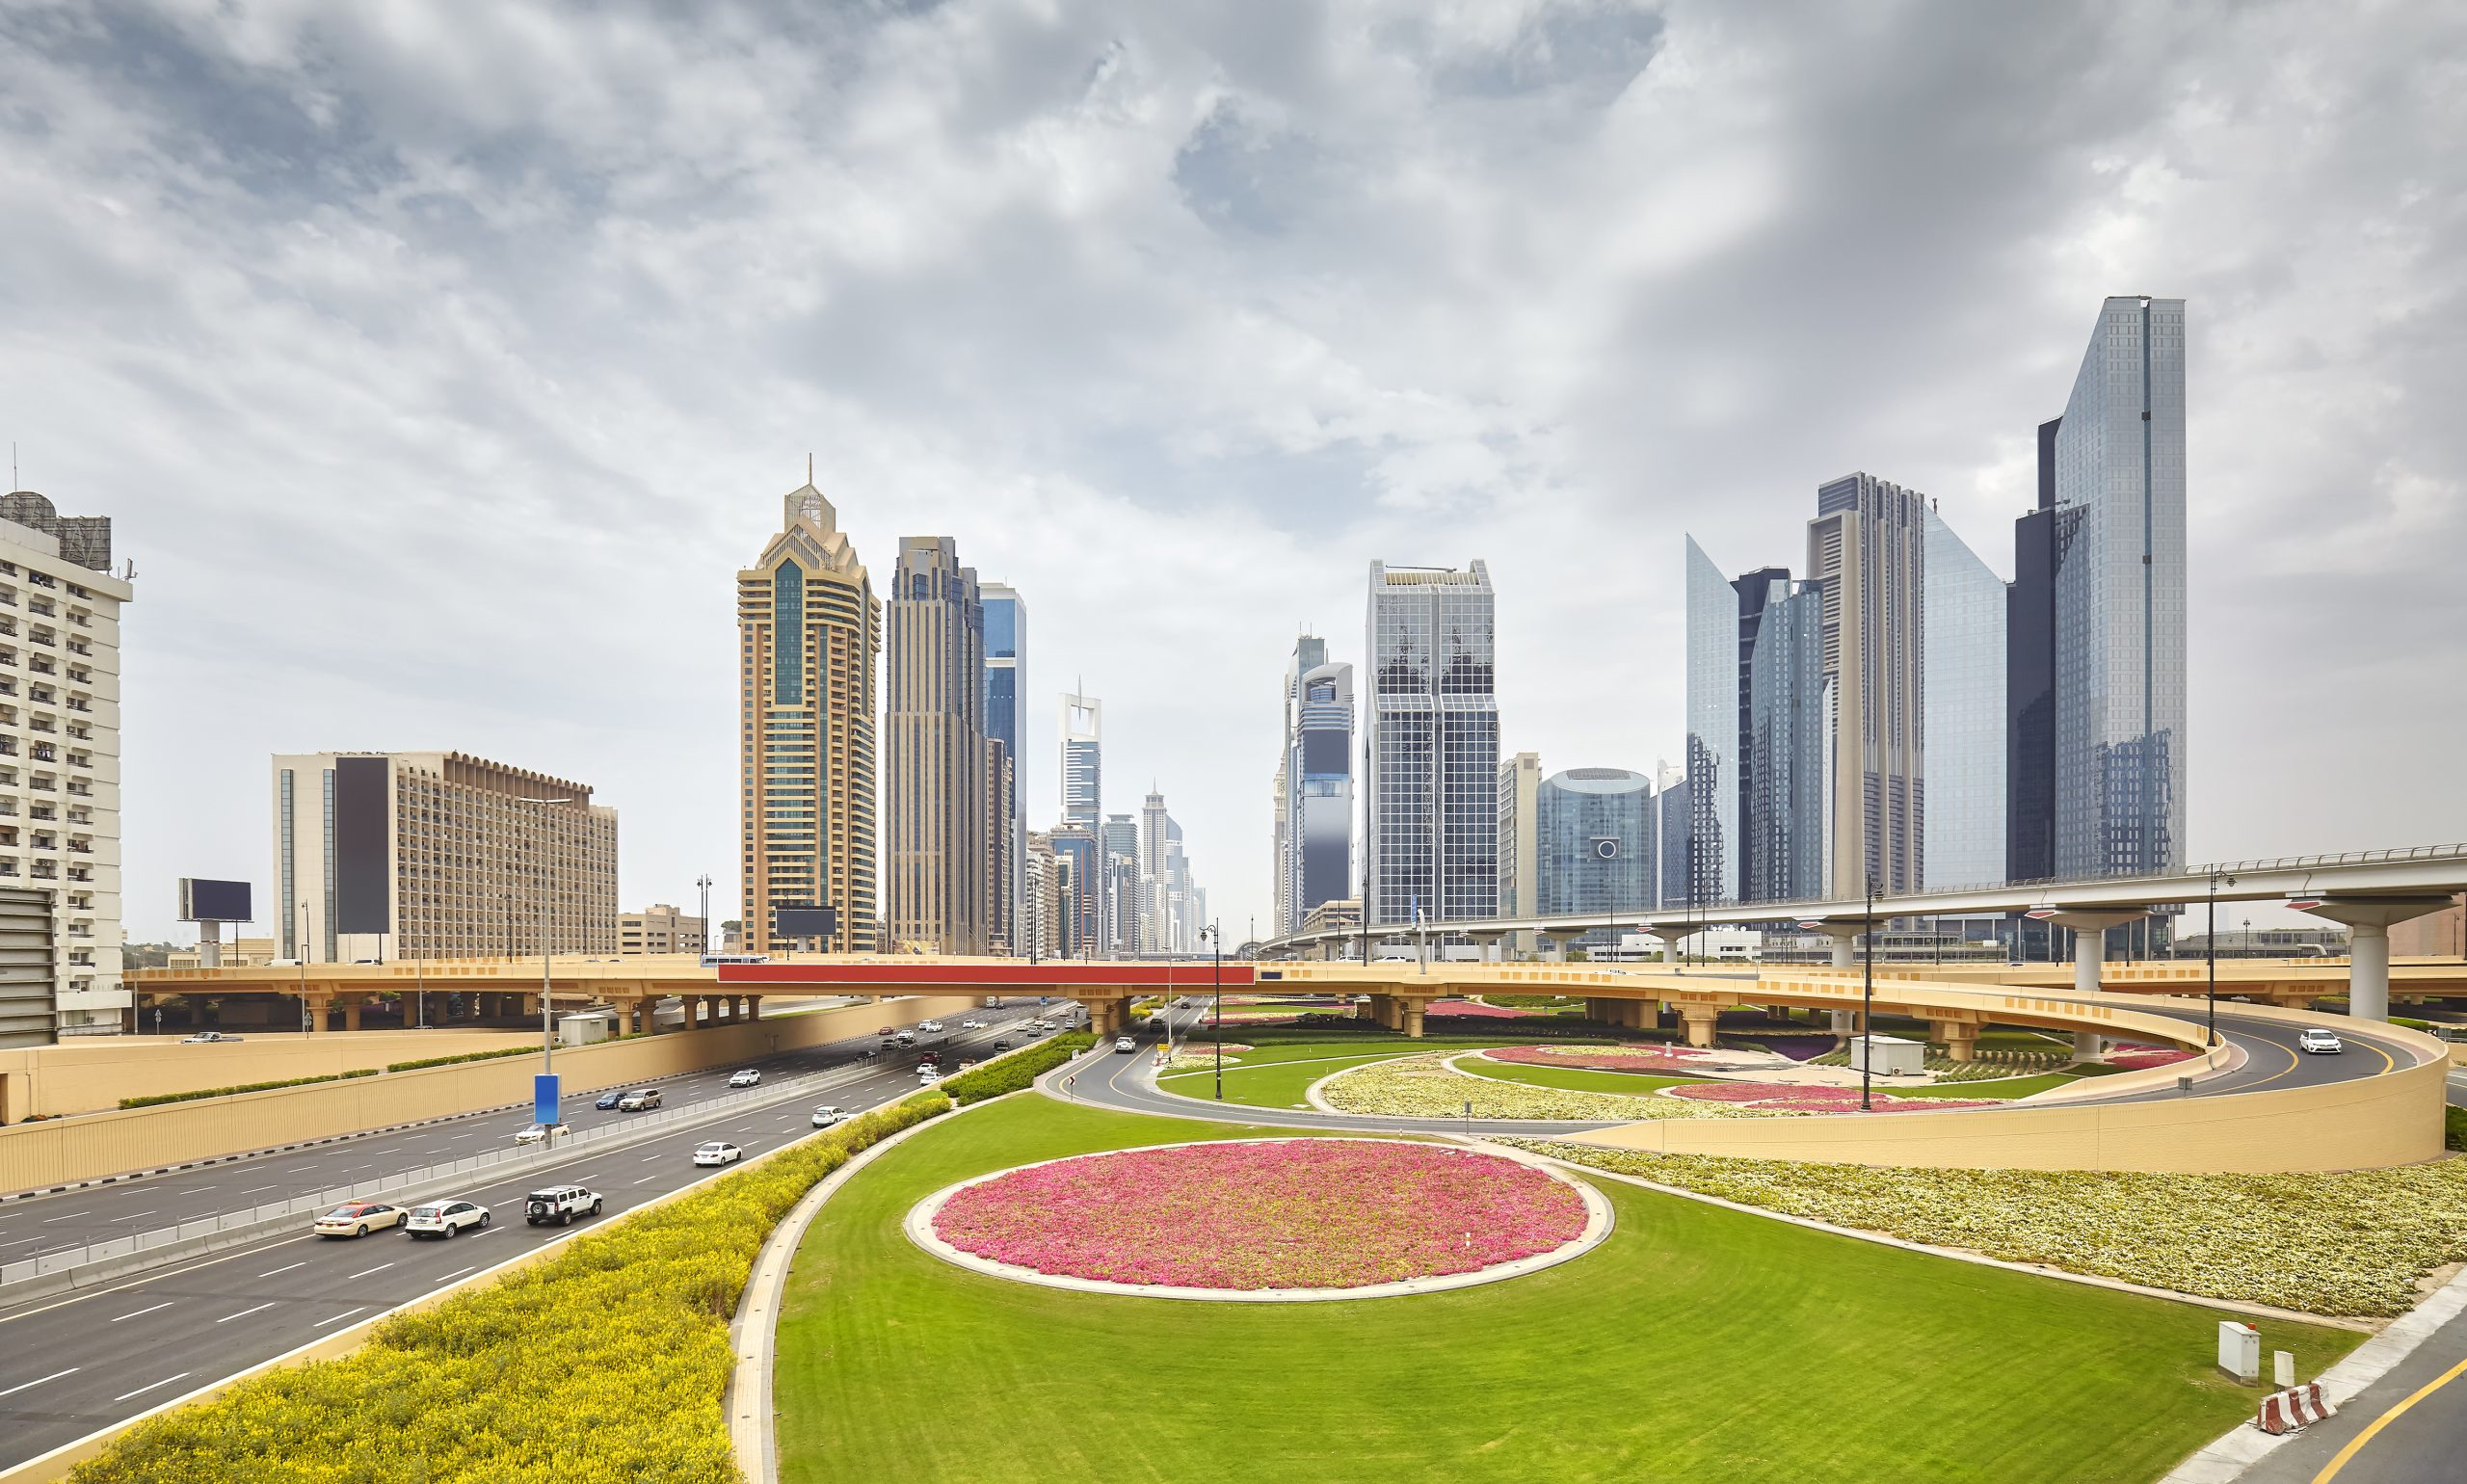 أفضل شركة تأمين سيارات في الإمارات – تعرف عليها